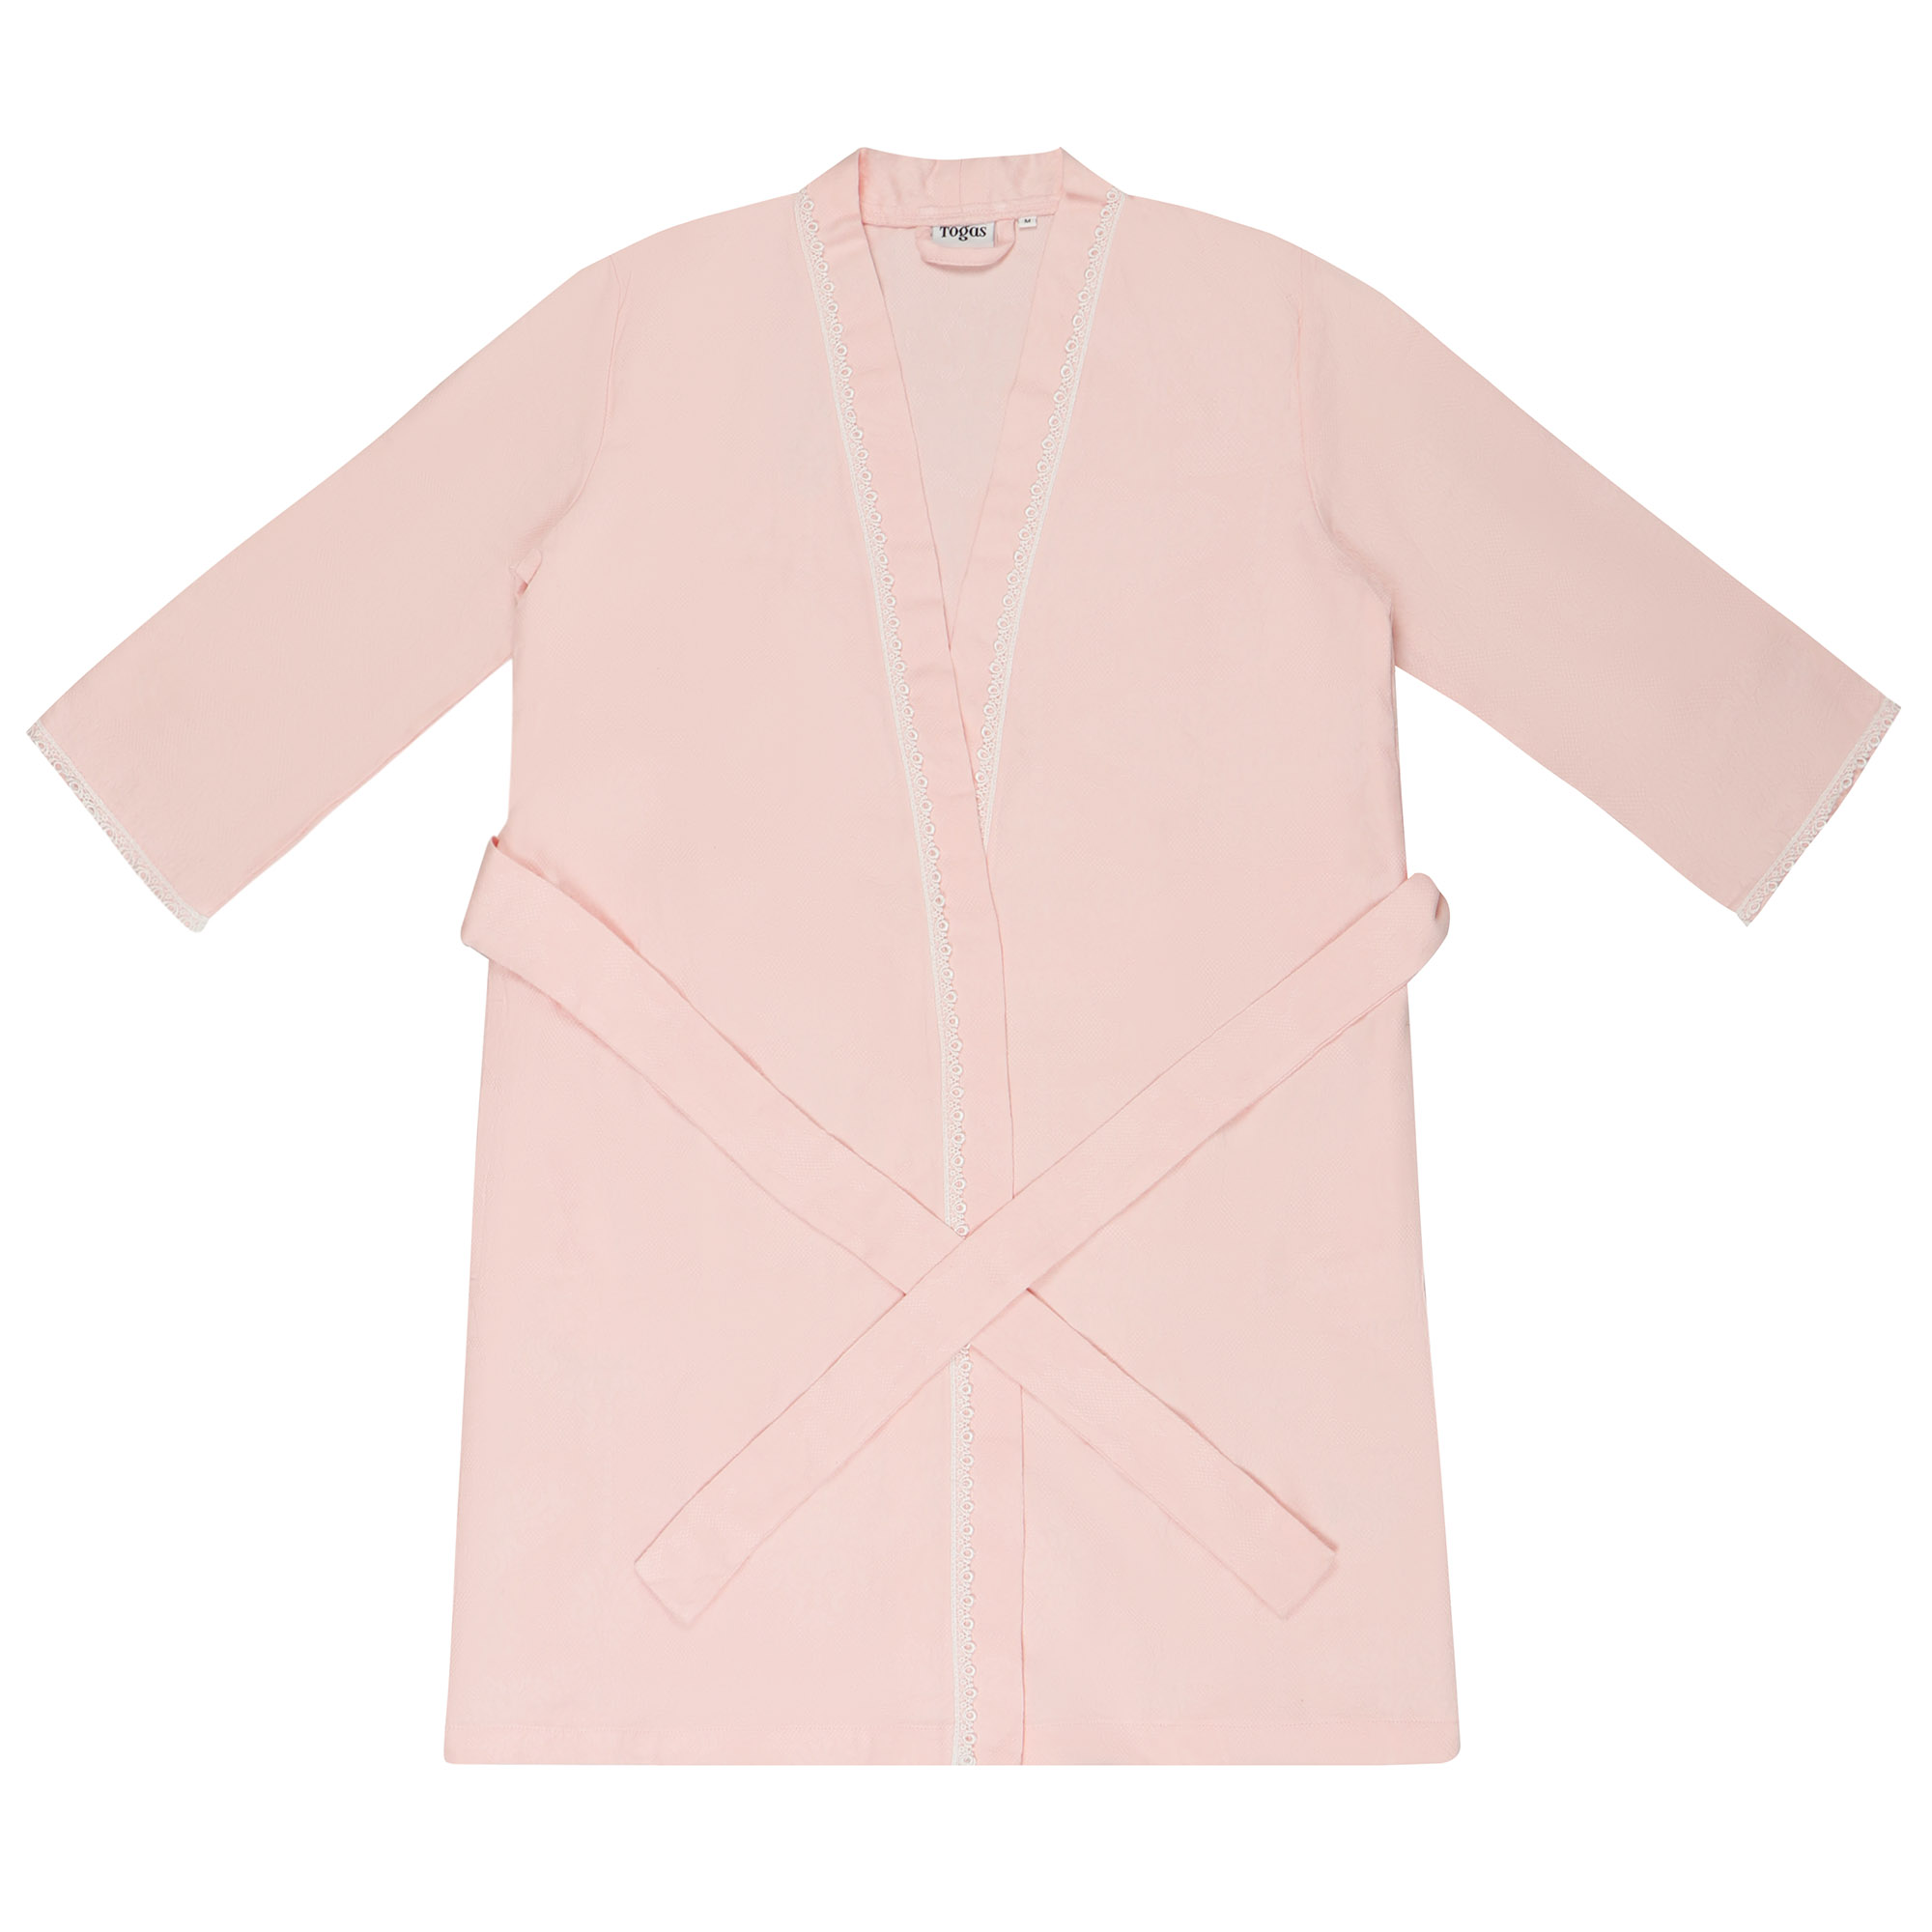 Фото - Халат Togas Дорис светло-розовый XL (50) коврик для ванной togas дорис розовое 60x90